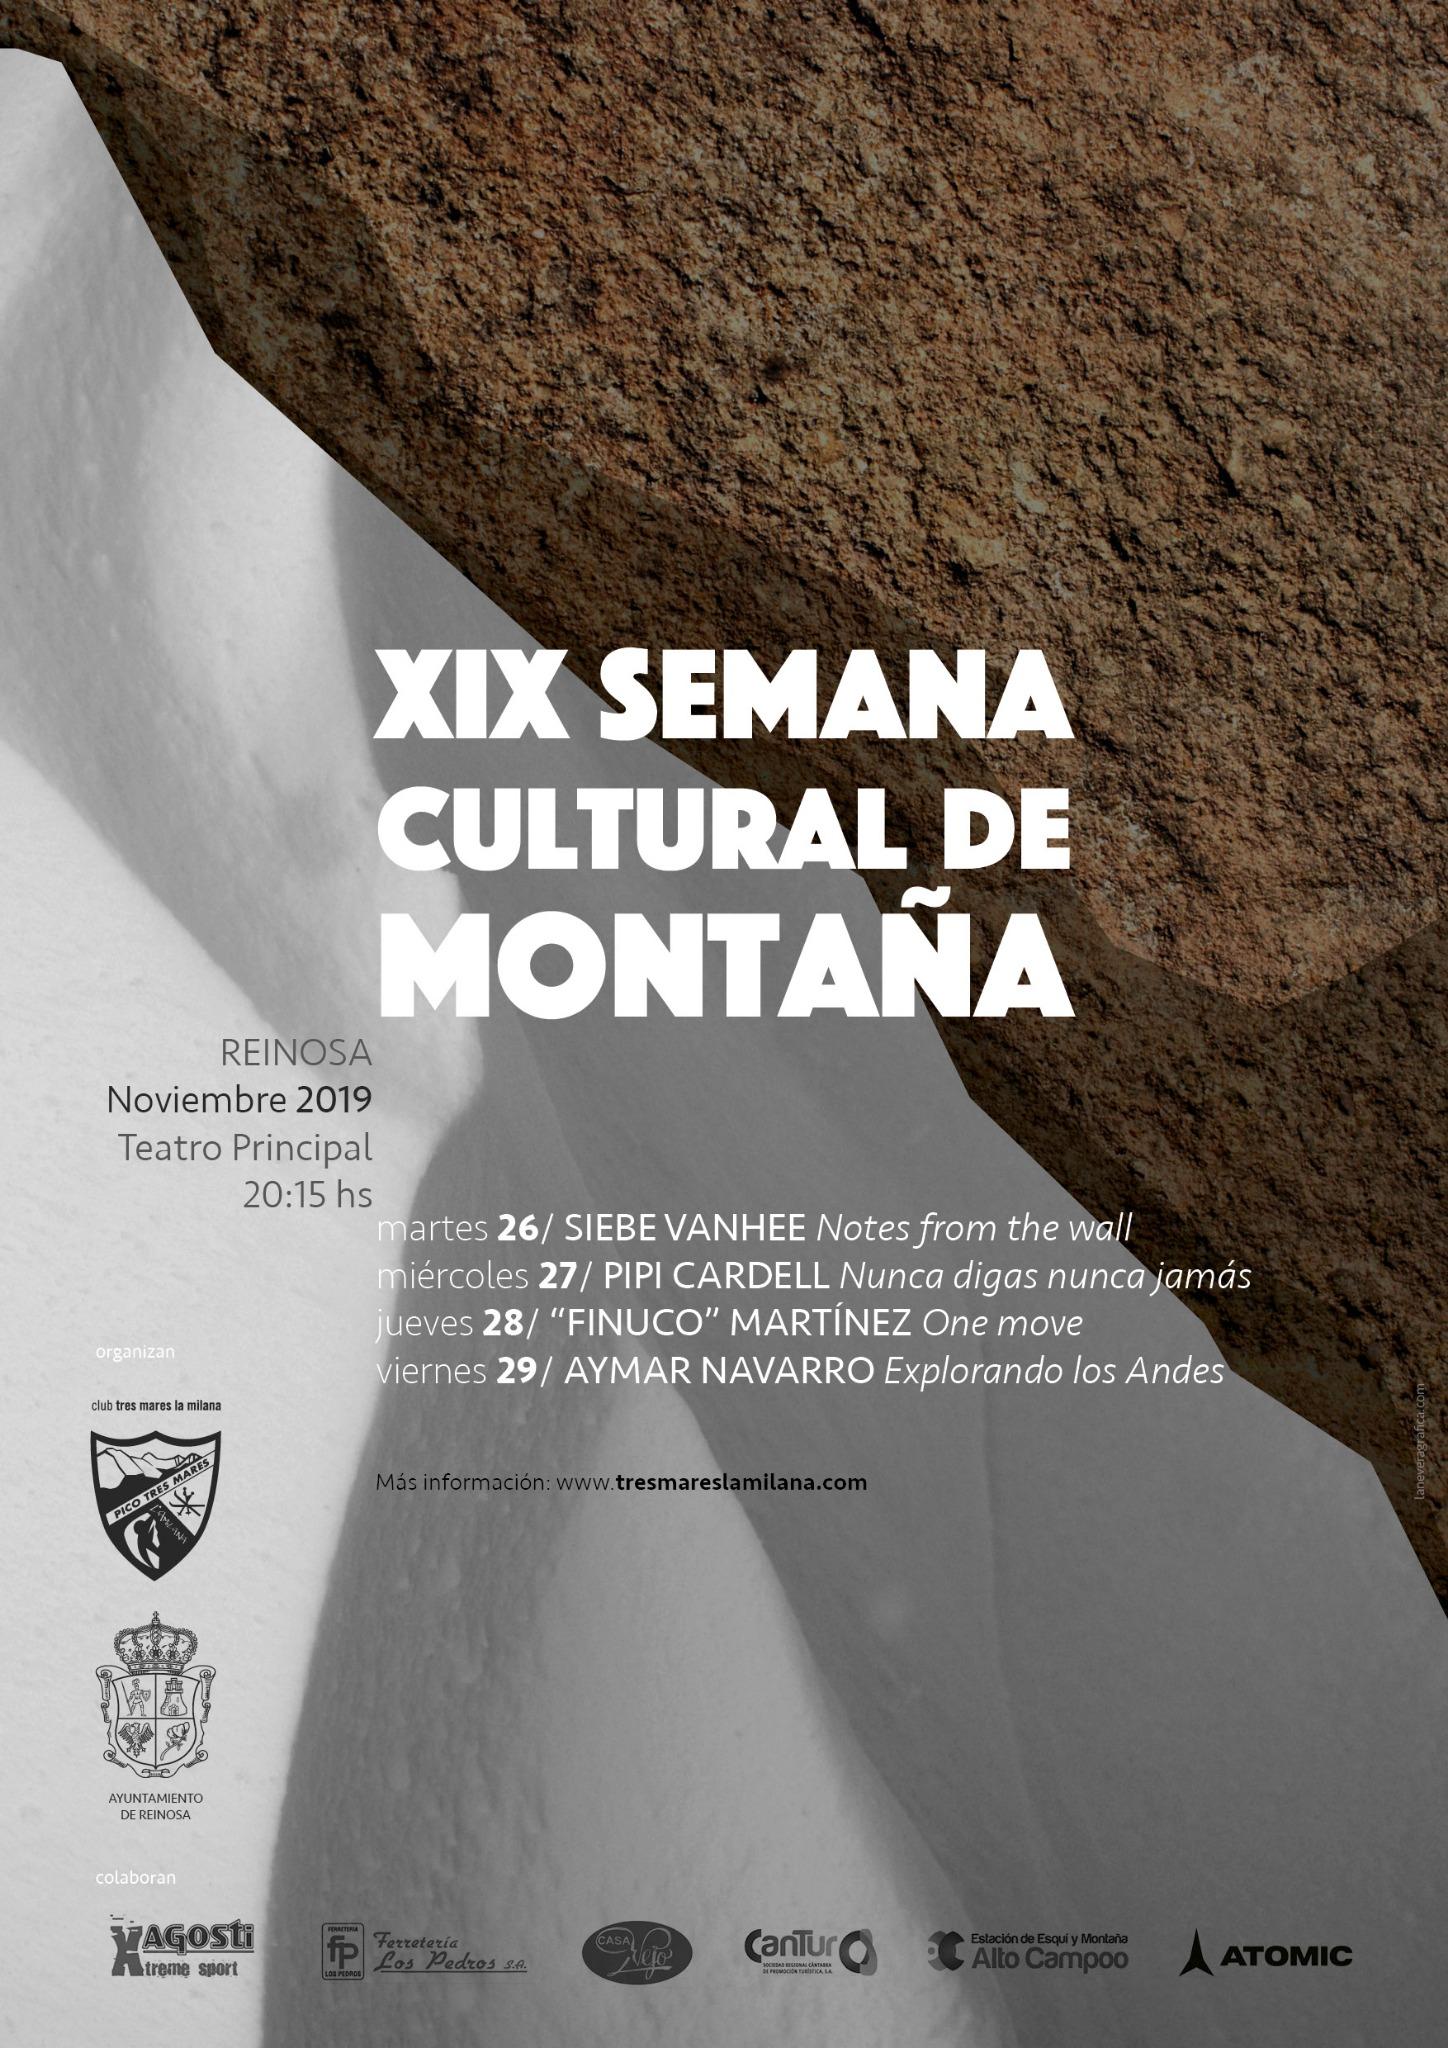 SEMANA DE LA MONTAÑA DE REINOSA 2019